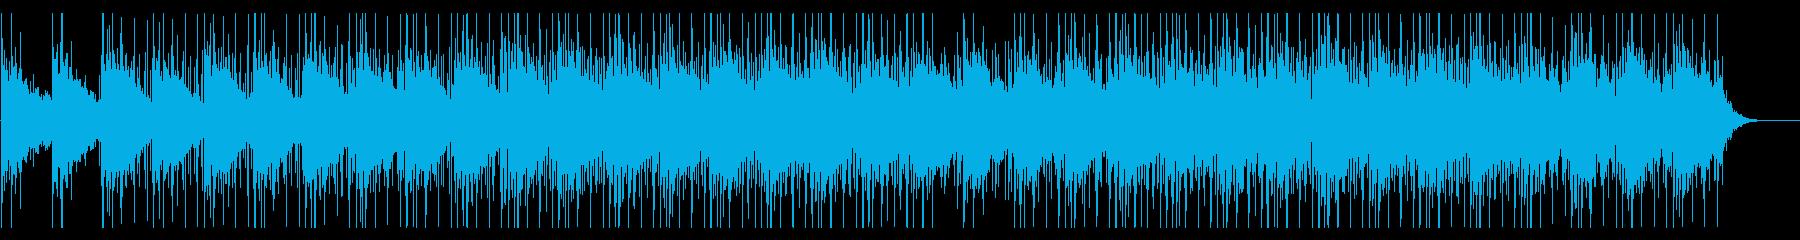 テクノロジーなどを解説するやや明るめな曲の再生済みの波形